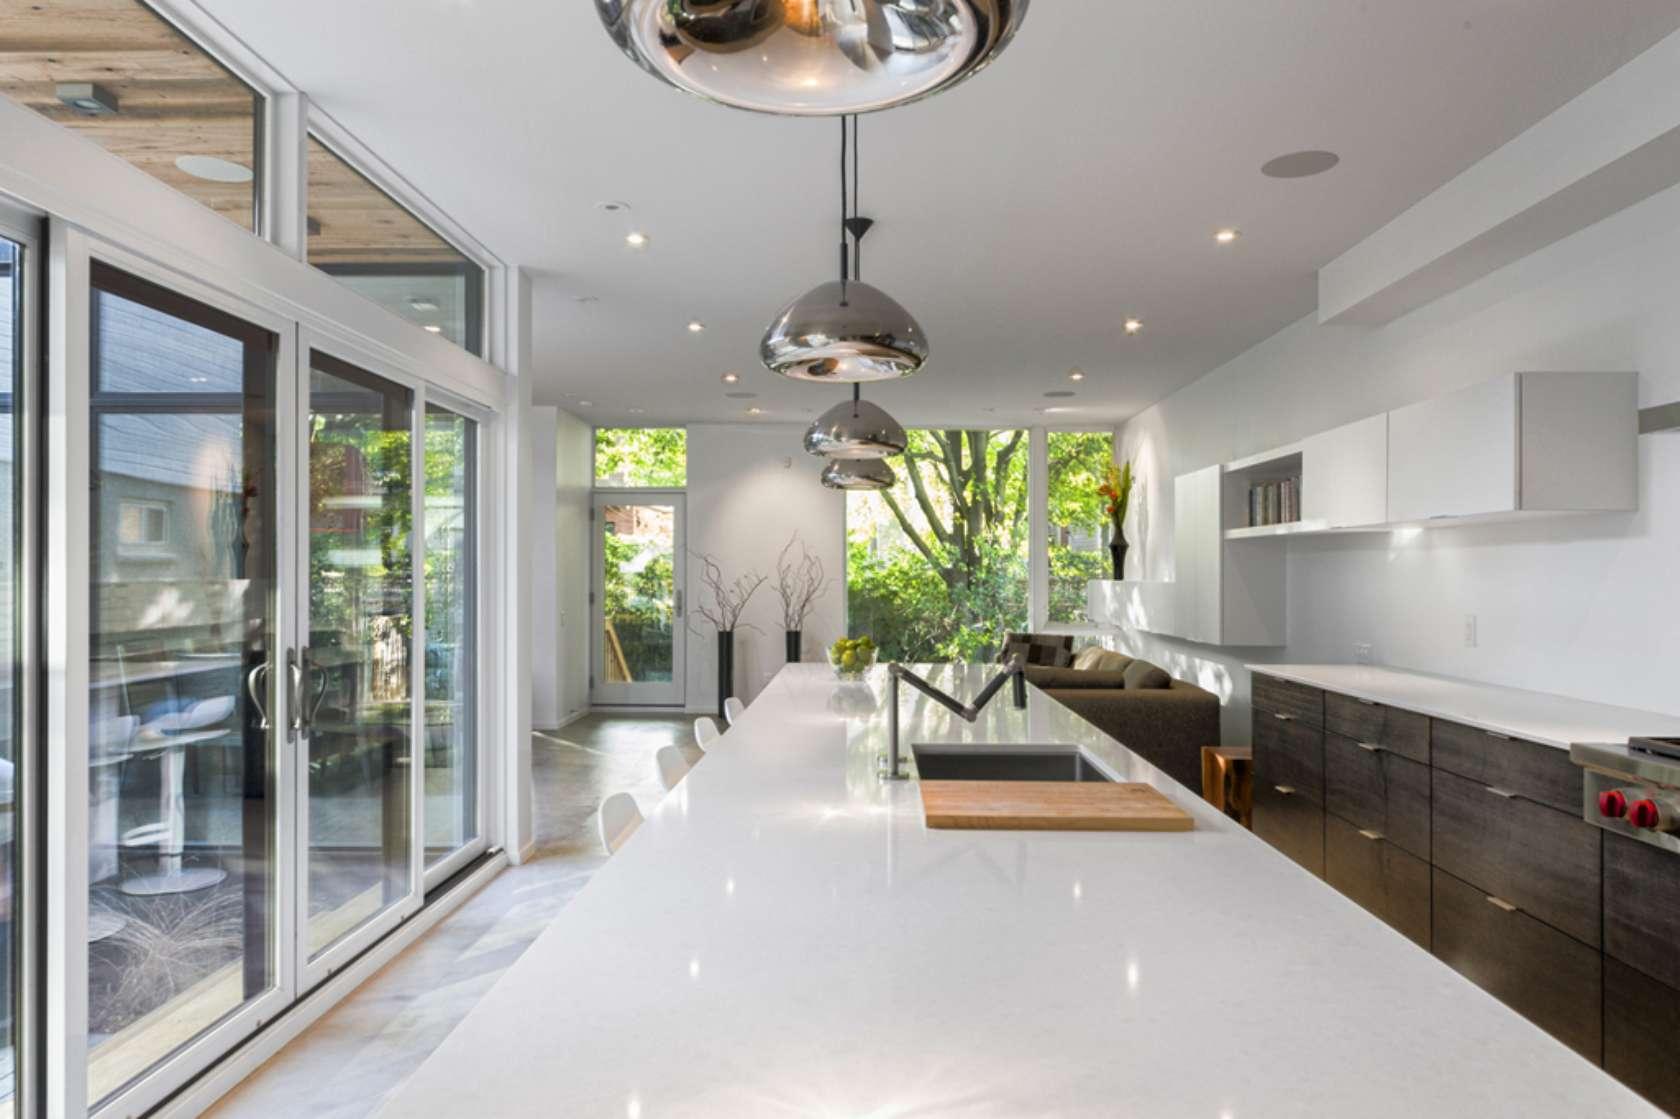 Diseño de isla de cocina lineal con grandes y modernas lámparas de techo cromadas